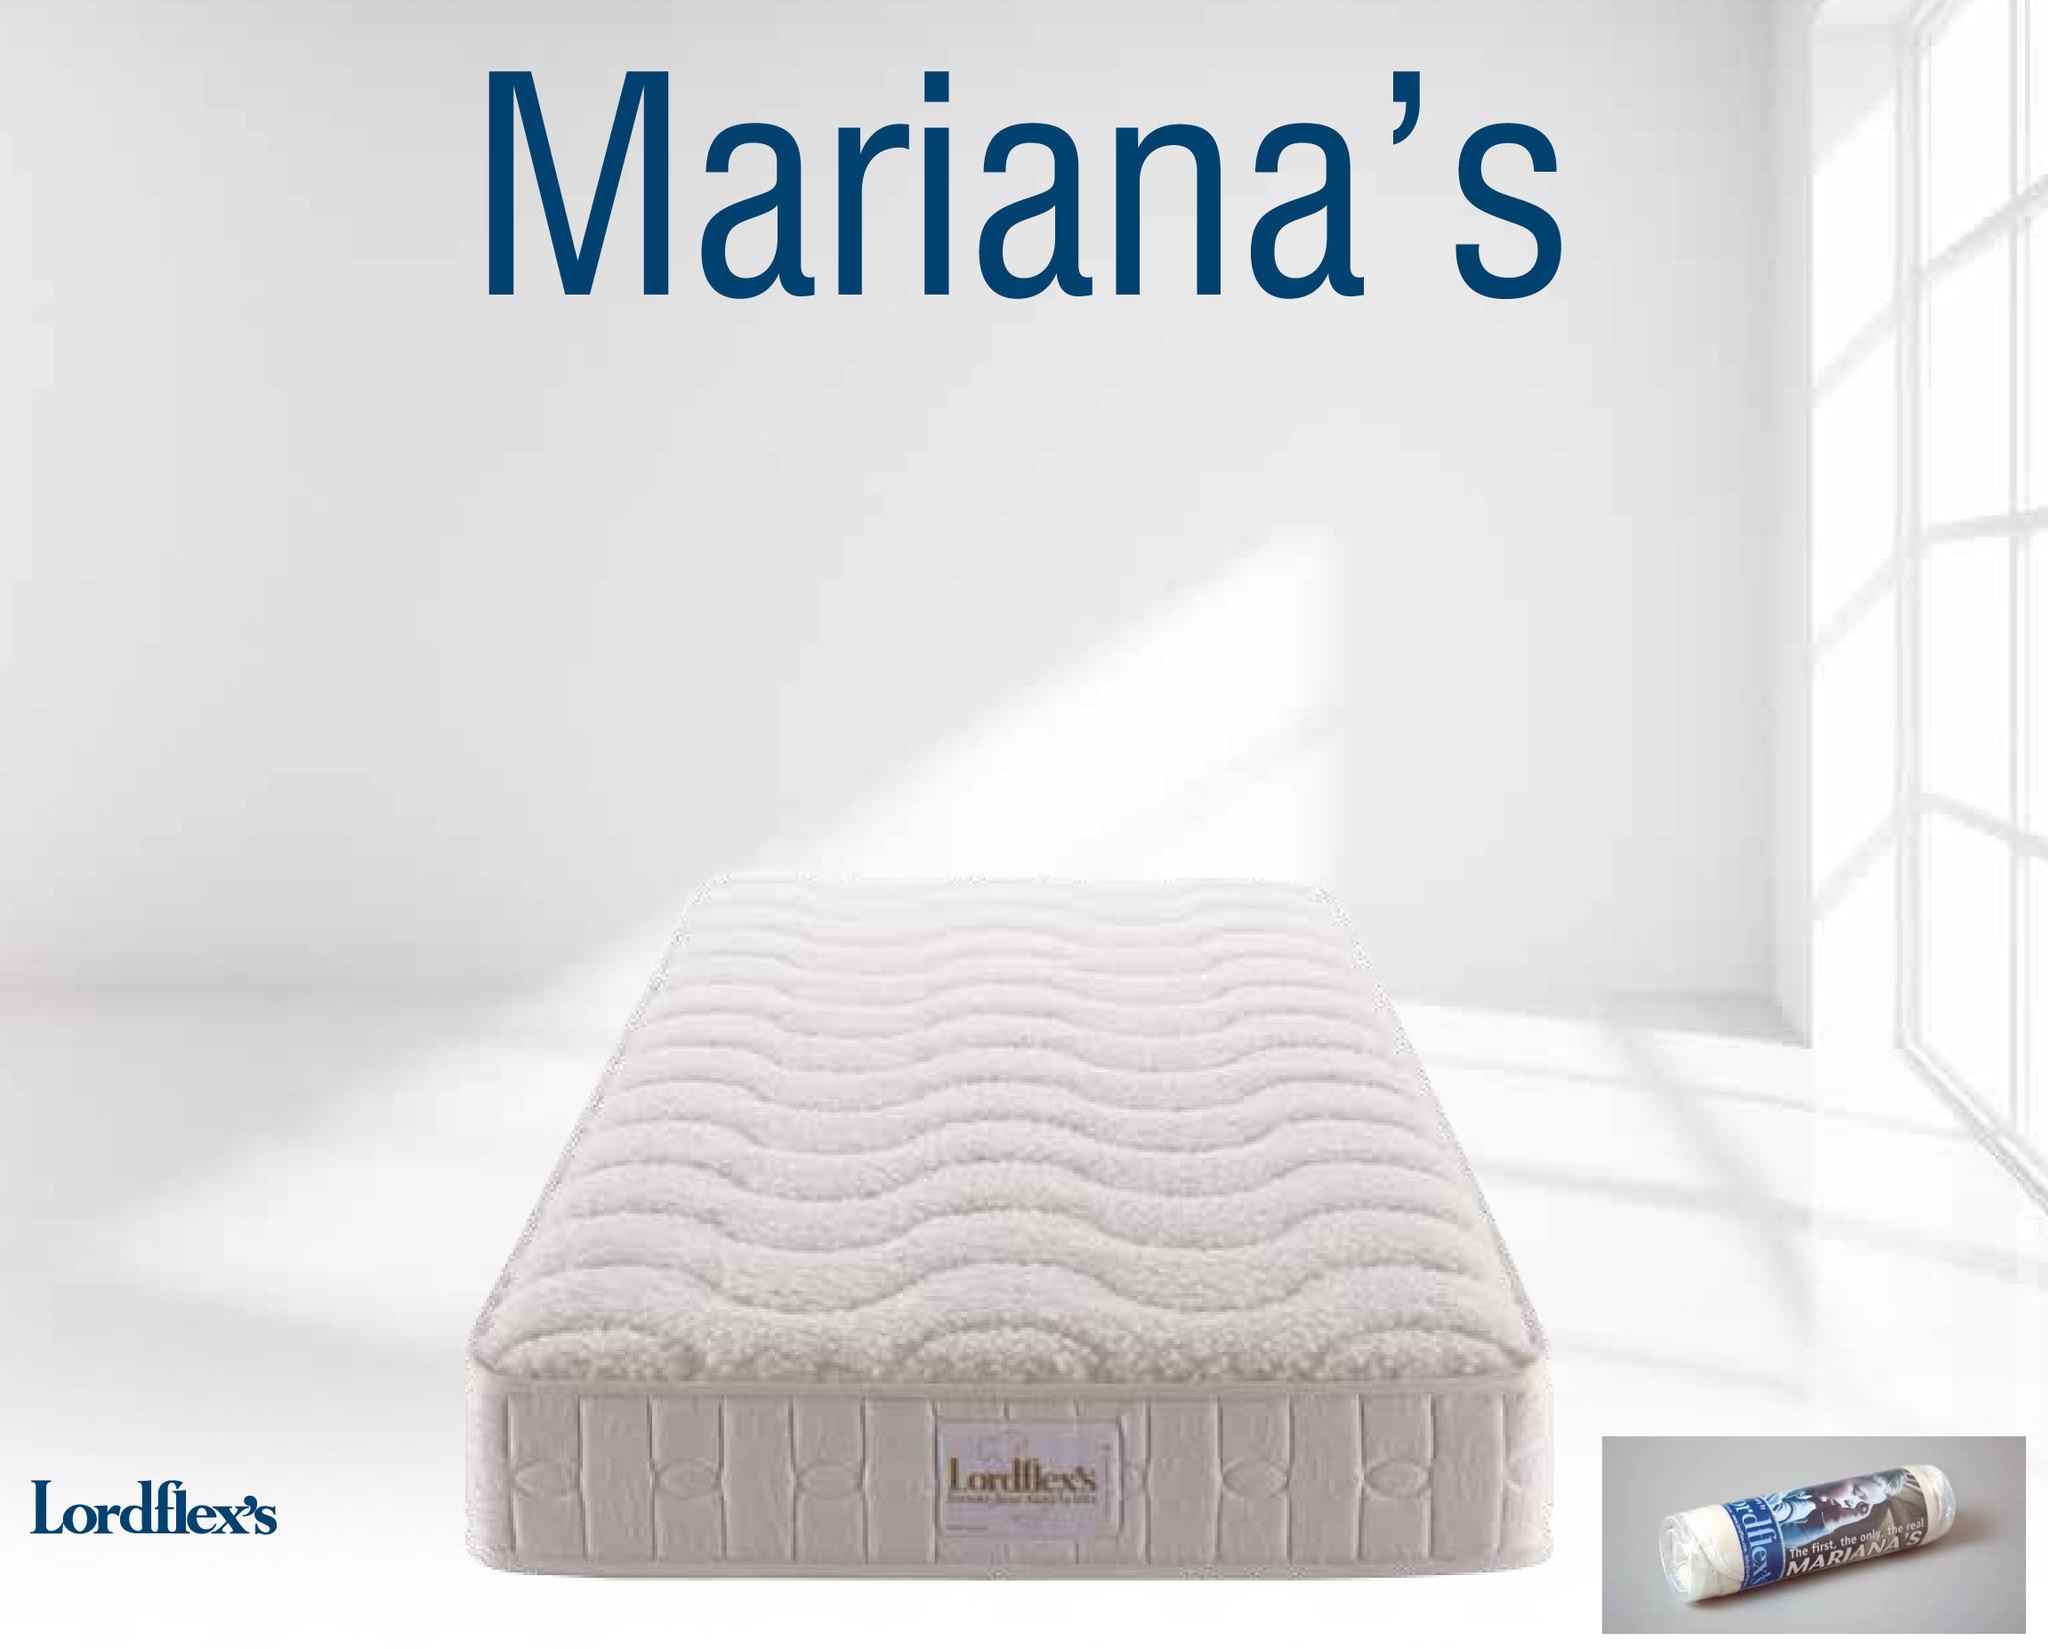 Матрасы Матрас ортопедический Lordflex's Mariana's 140х190 до 140 кг в вакуумной упаковке 1_Mariana_s.jpg